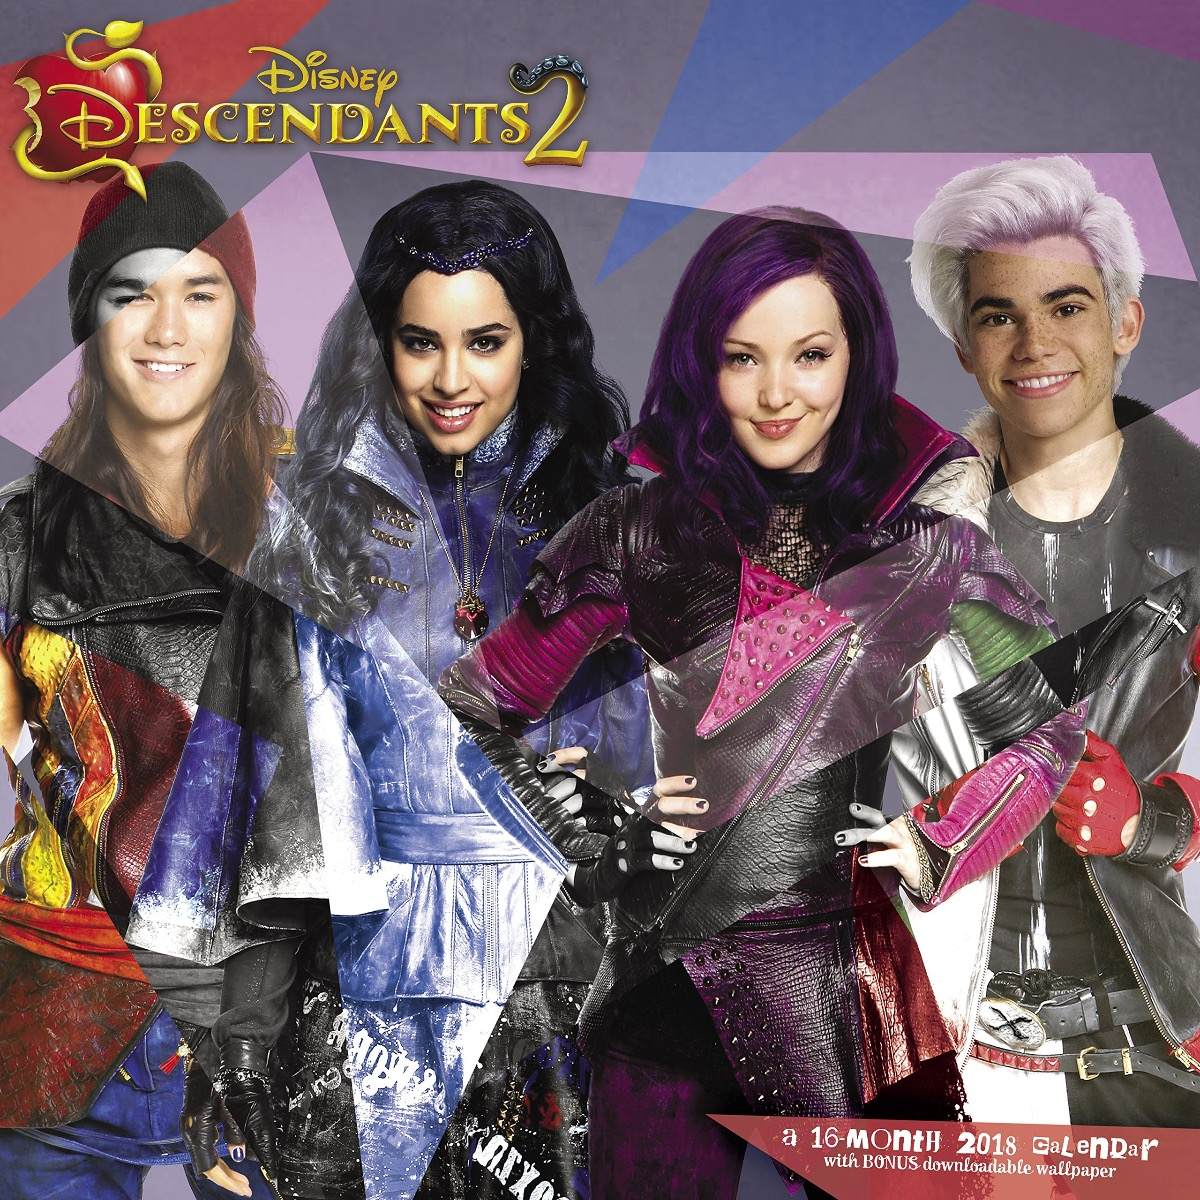 Calendario Pared 2018 Descendientes 2 Disney Hoja Por Mes 9900